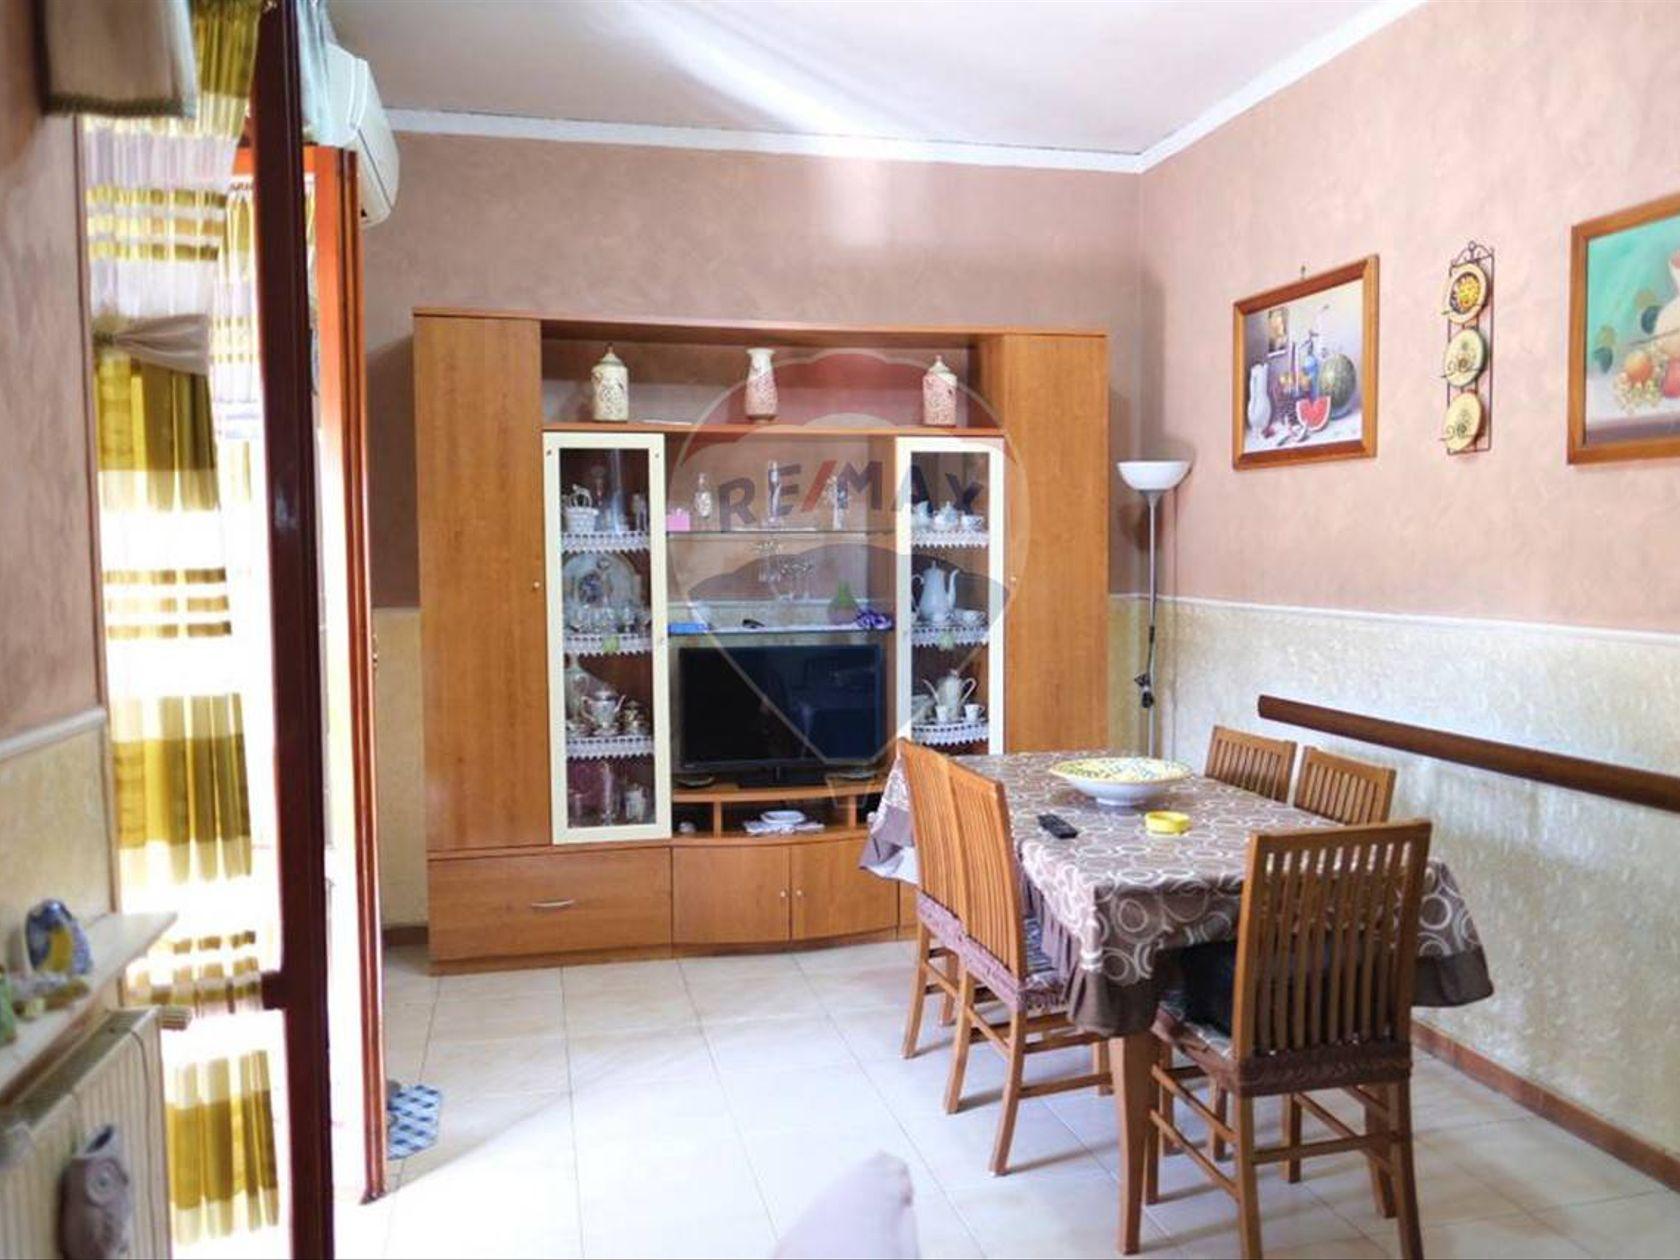 Casa Indipendente Zona stazione, Aversa, CE Vendita - Foto 8